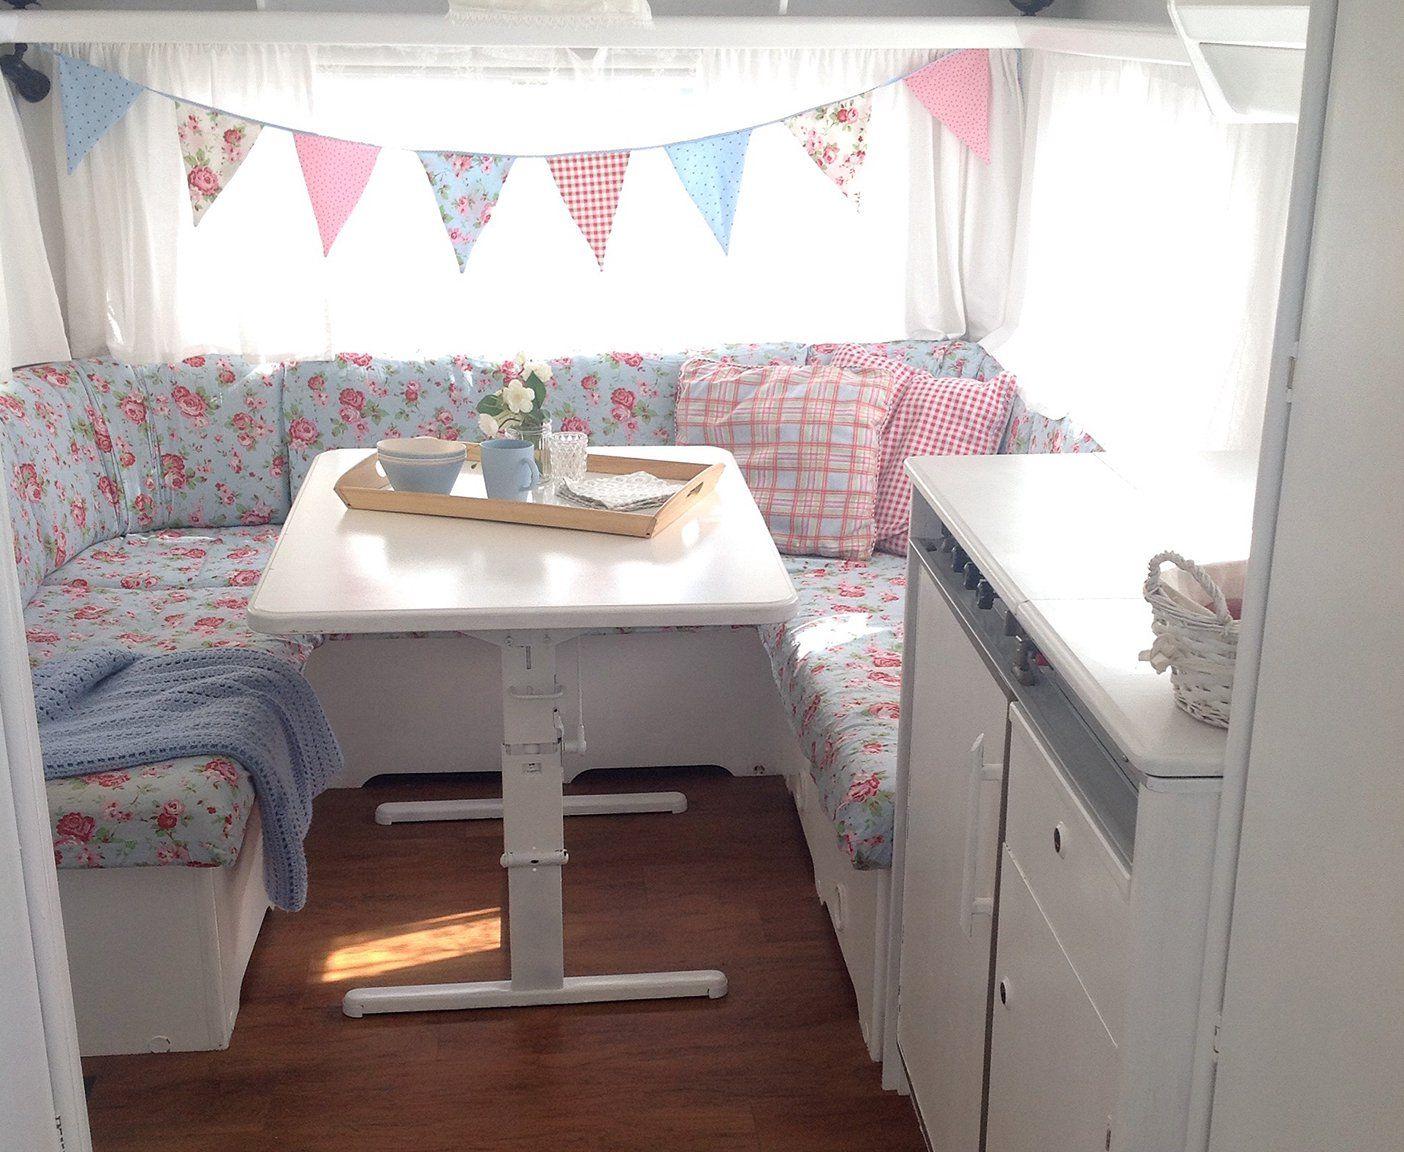 wohnwagen renovieren unsere tipps f r dein wohnwagen makeover wohnwagen pinterest camper. Black Bedroom Furniture Sets. Home Design Ideas